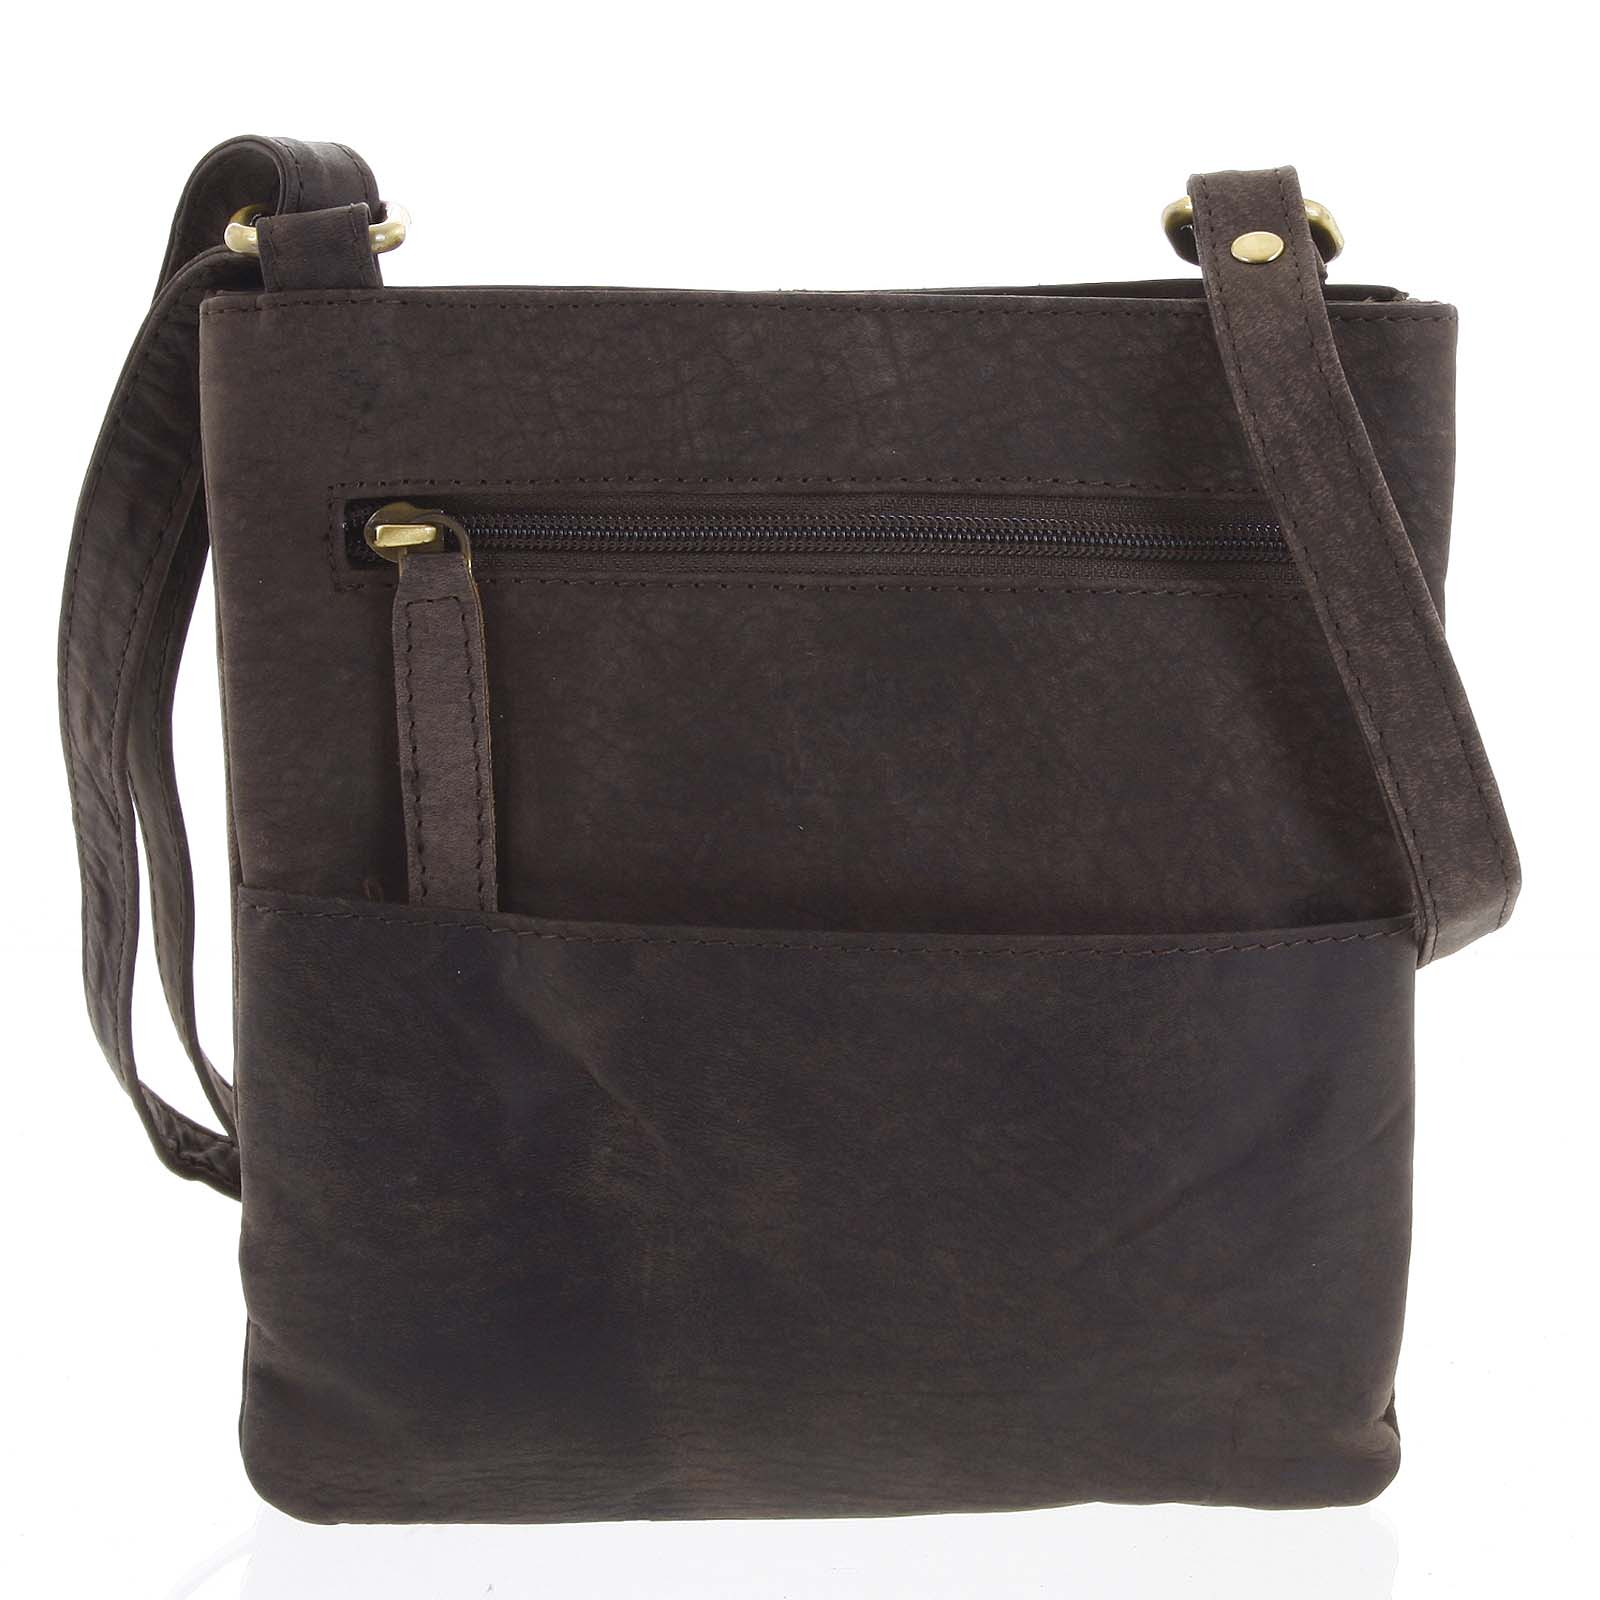 Pánska kožená taška na doklady tmavohnedá - WILD Lukeny hnedá